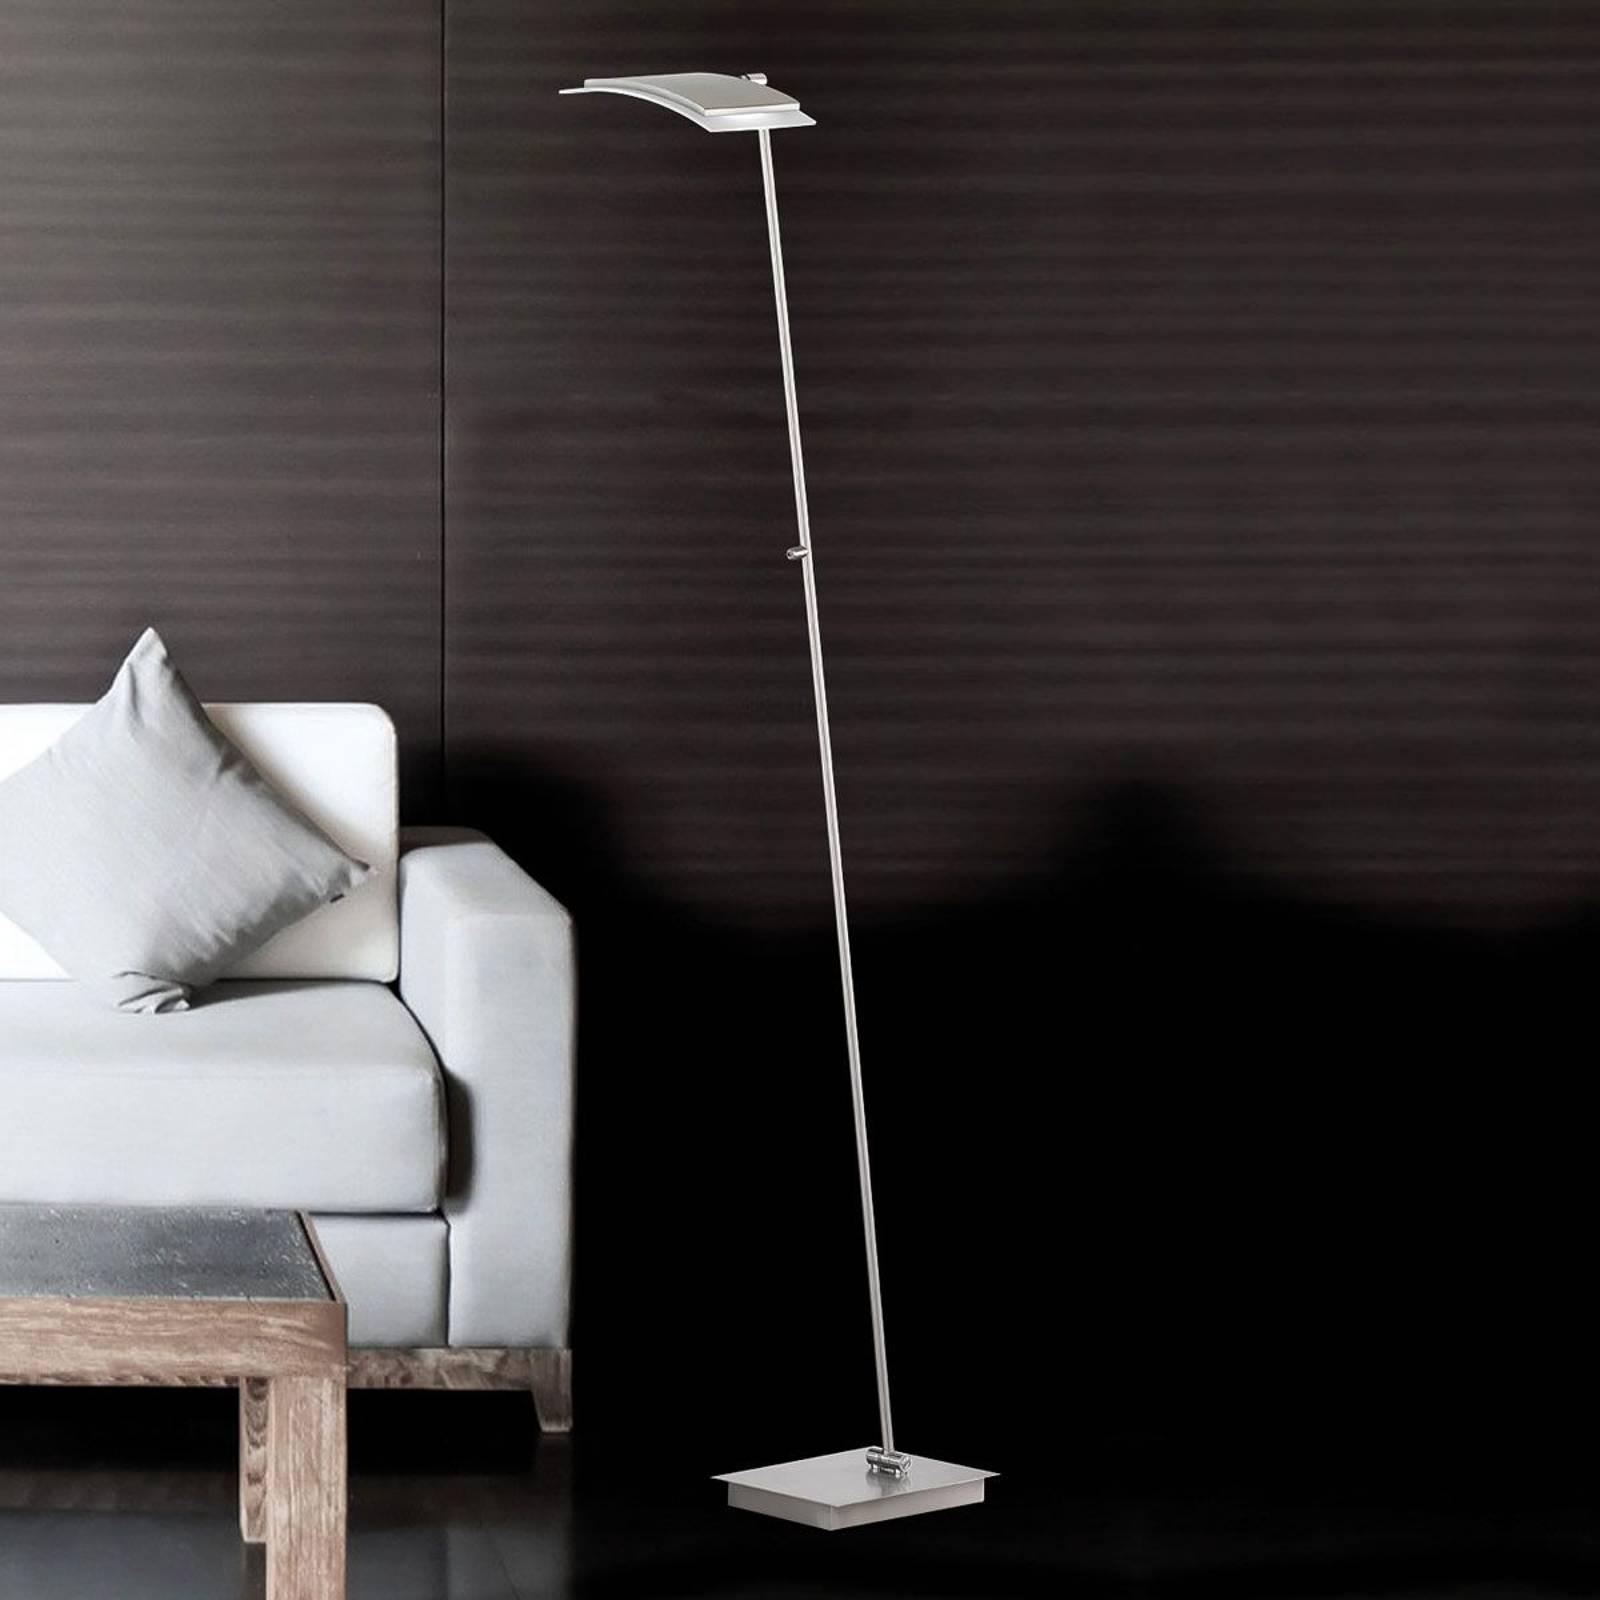 Lampa stojąca LED Tours, przełącznik,tunable white